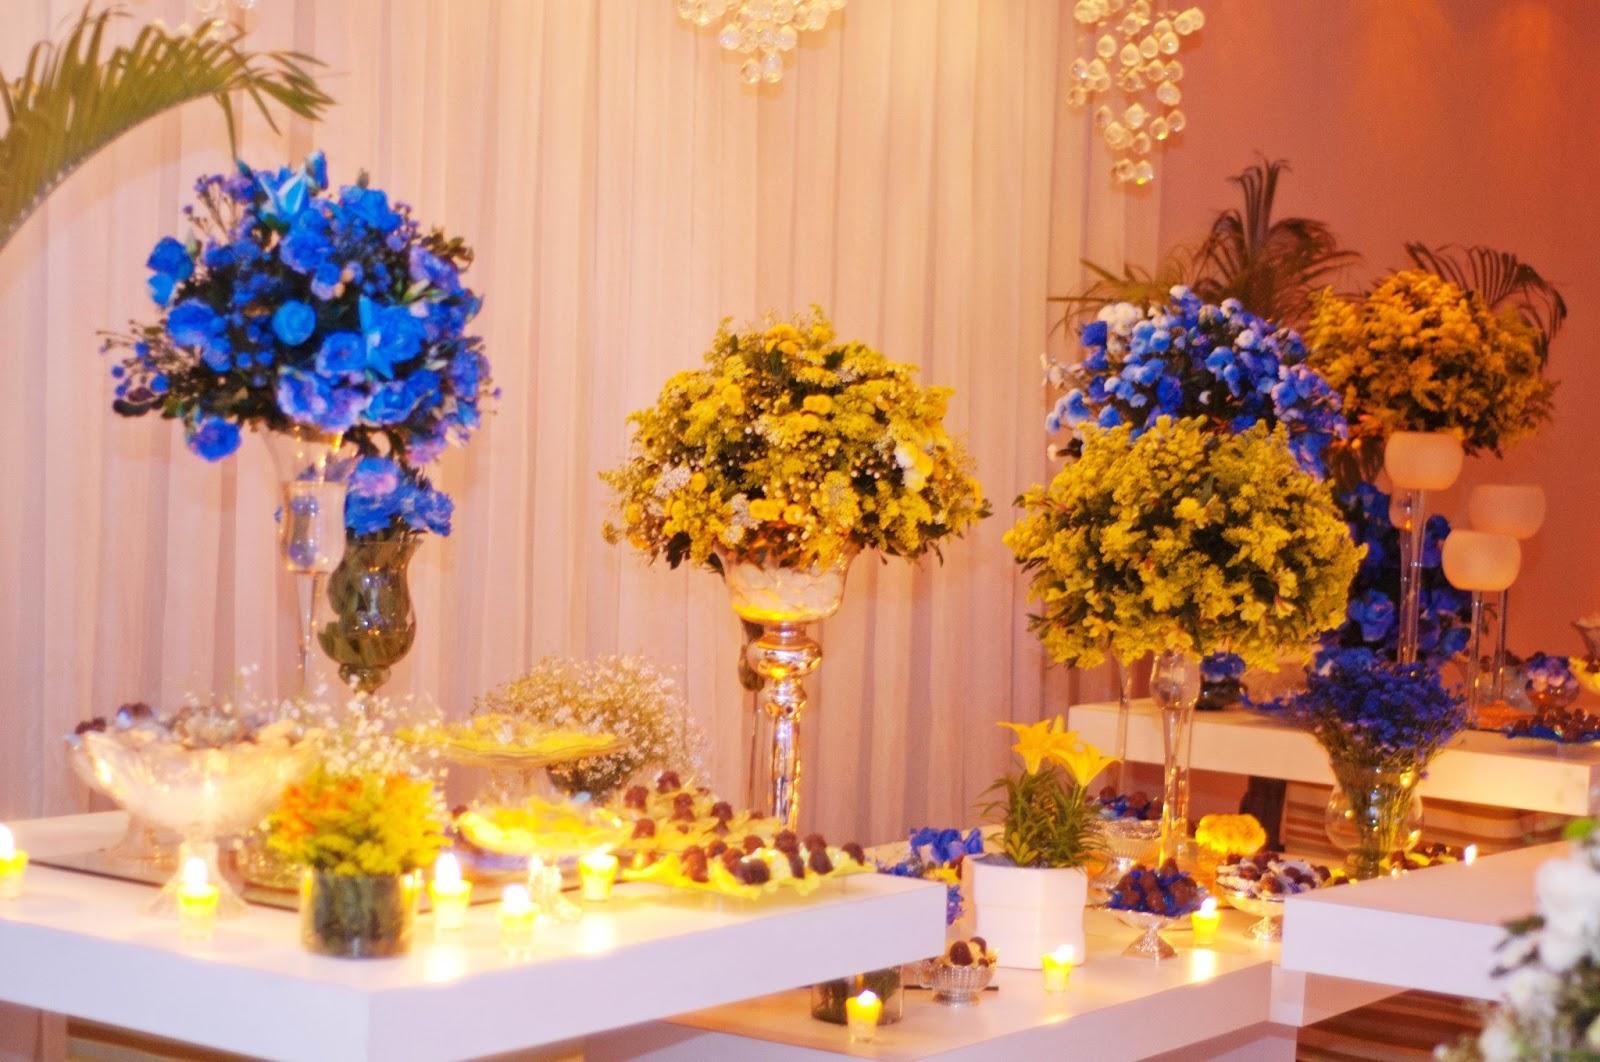 decoracao para casamento em azul e amarelo:Decor+casamento+azul+e+amarelo+03.jpg